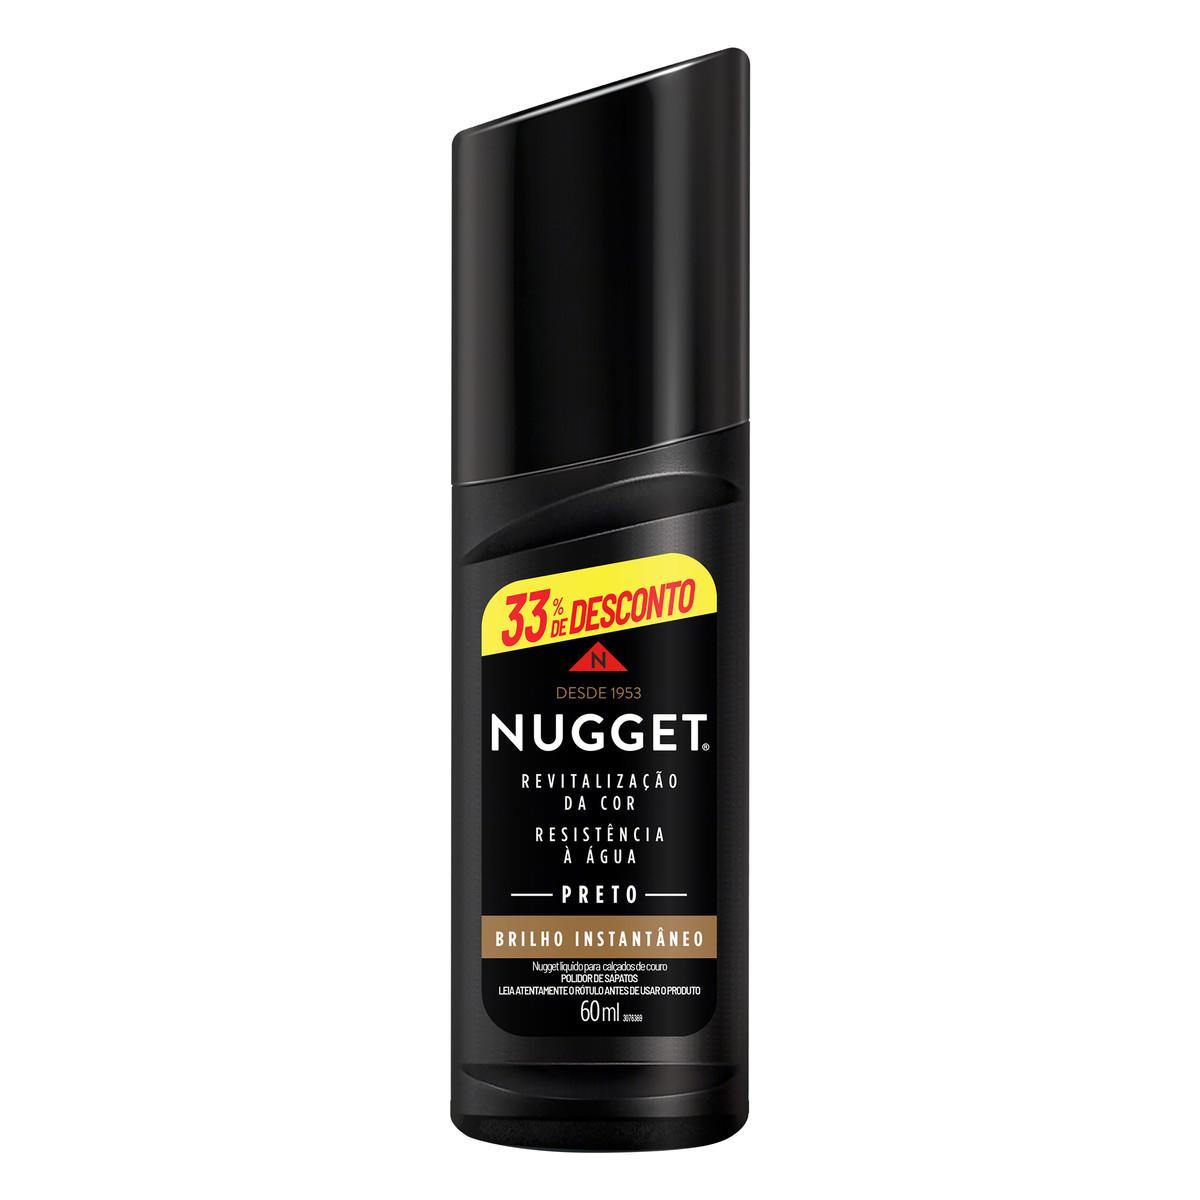 NUGGET PR LIQ PRETO 60 ML33% DES(24)